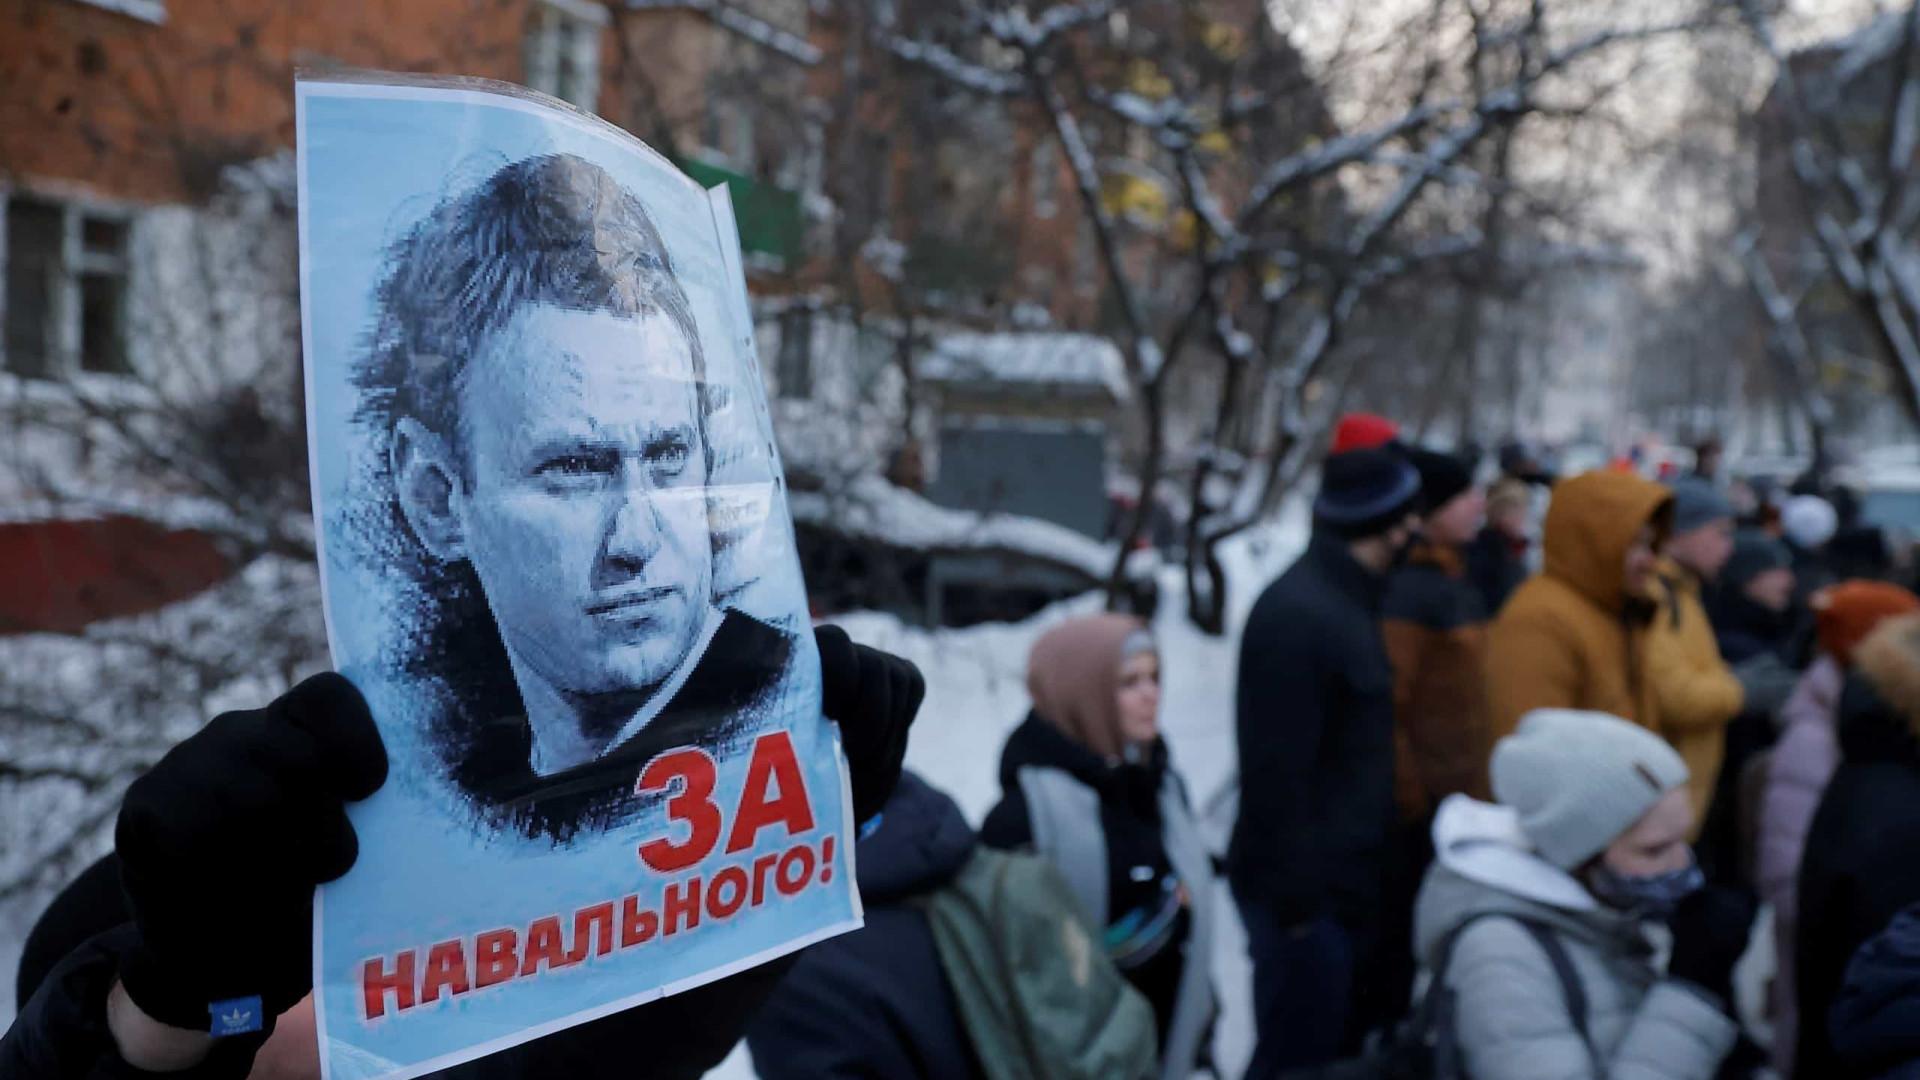 Tribunal determina 30 dias de prisão preventiva para Navalny